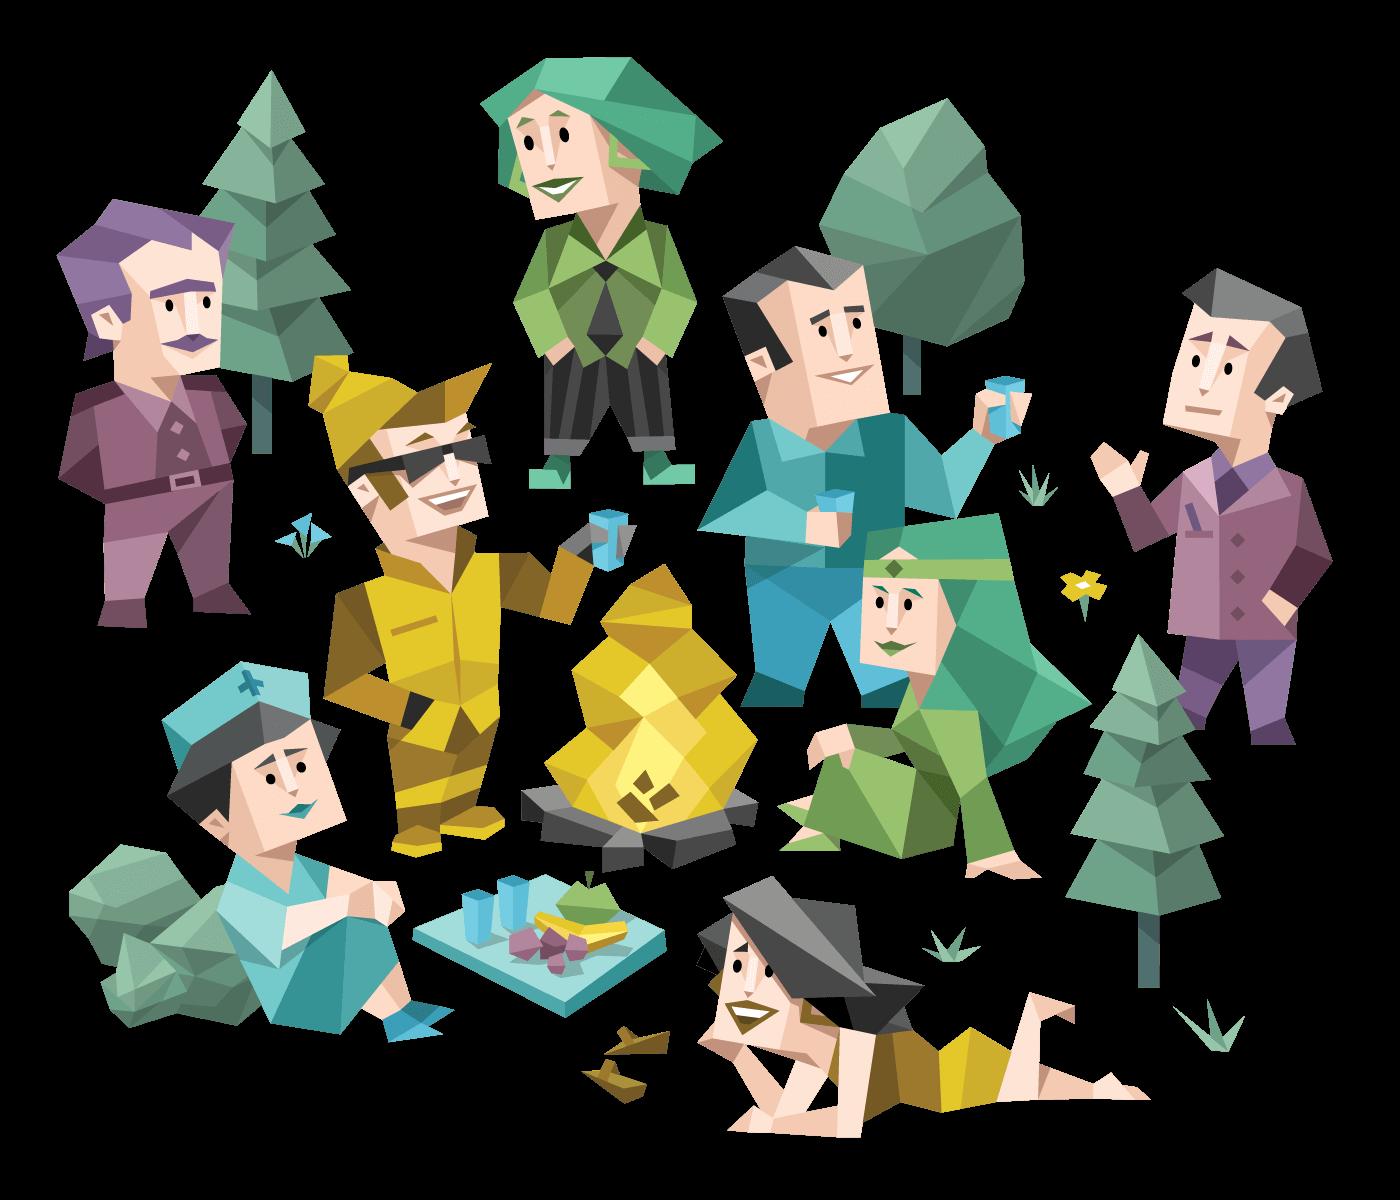 Teste de personalidade gratuito, descrições dos tipos, relacionamentos e conselhos sobre carreiras. | 16Personalities